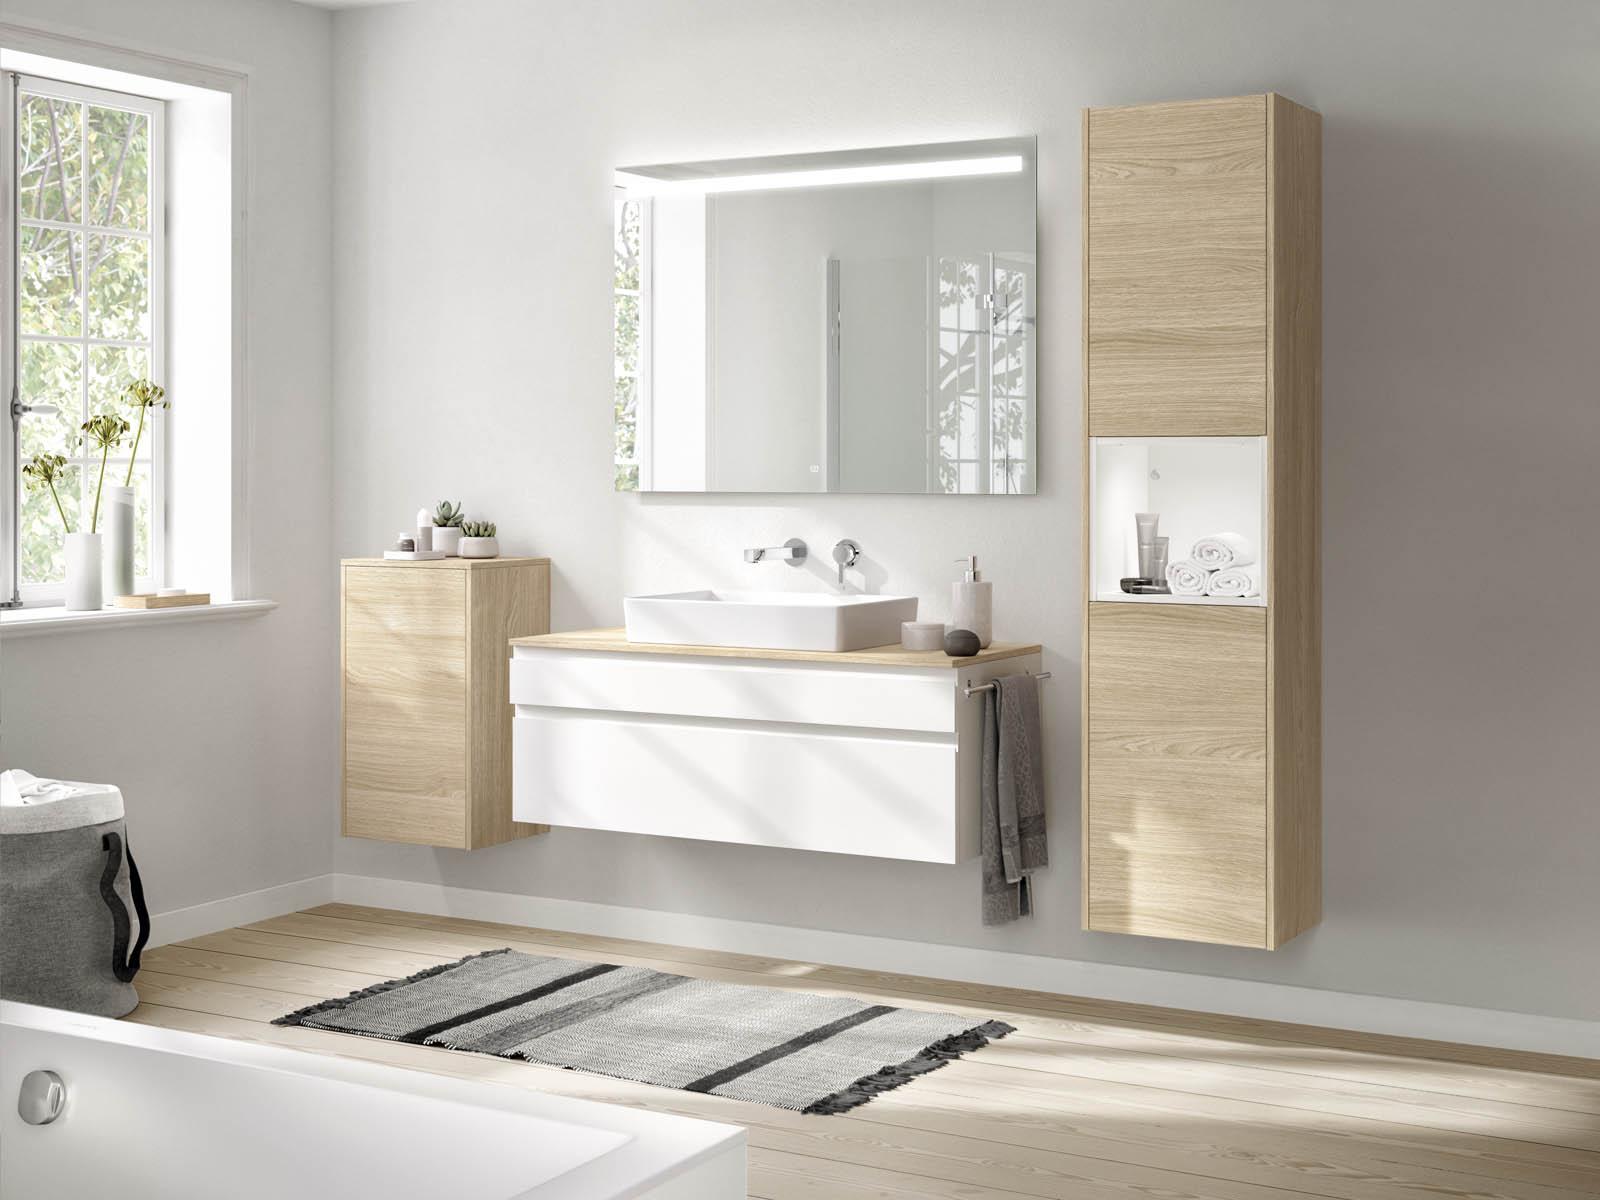 Küchentime Inline 551 - Bathroom